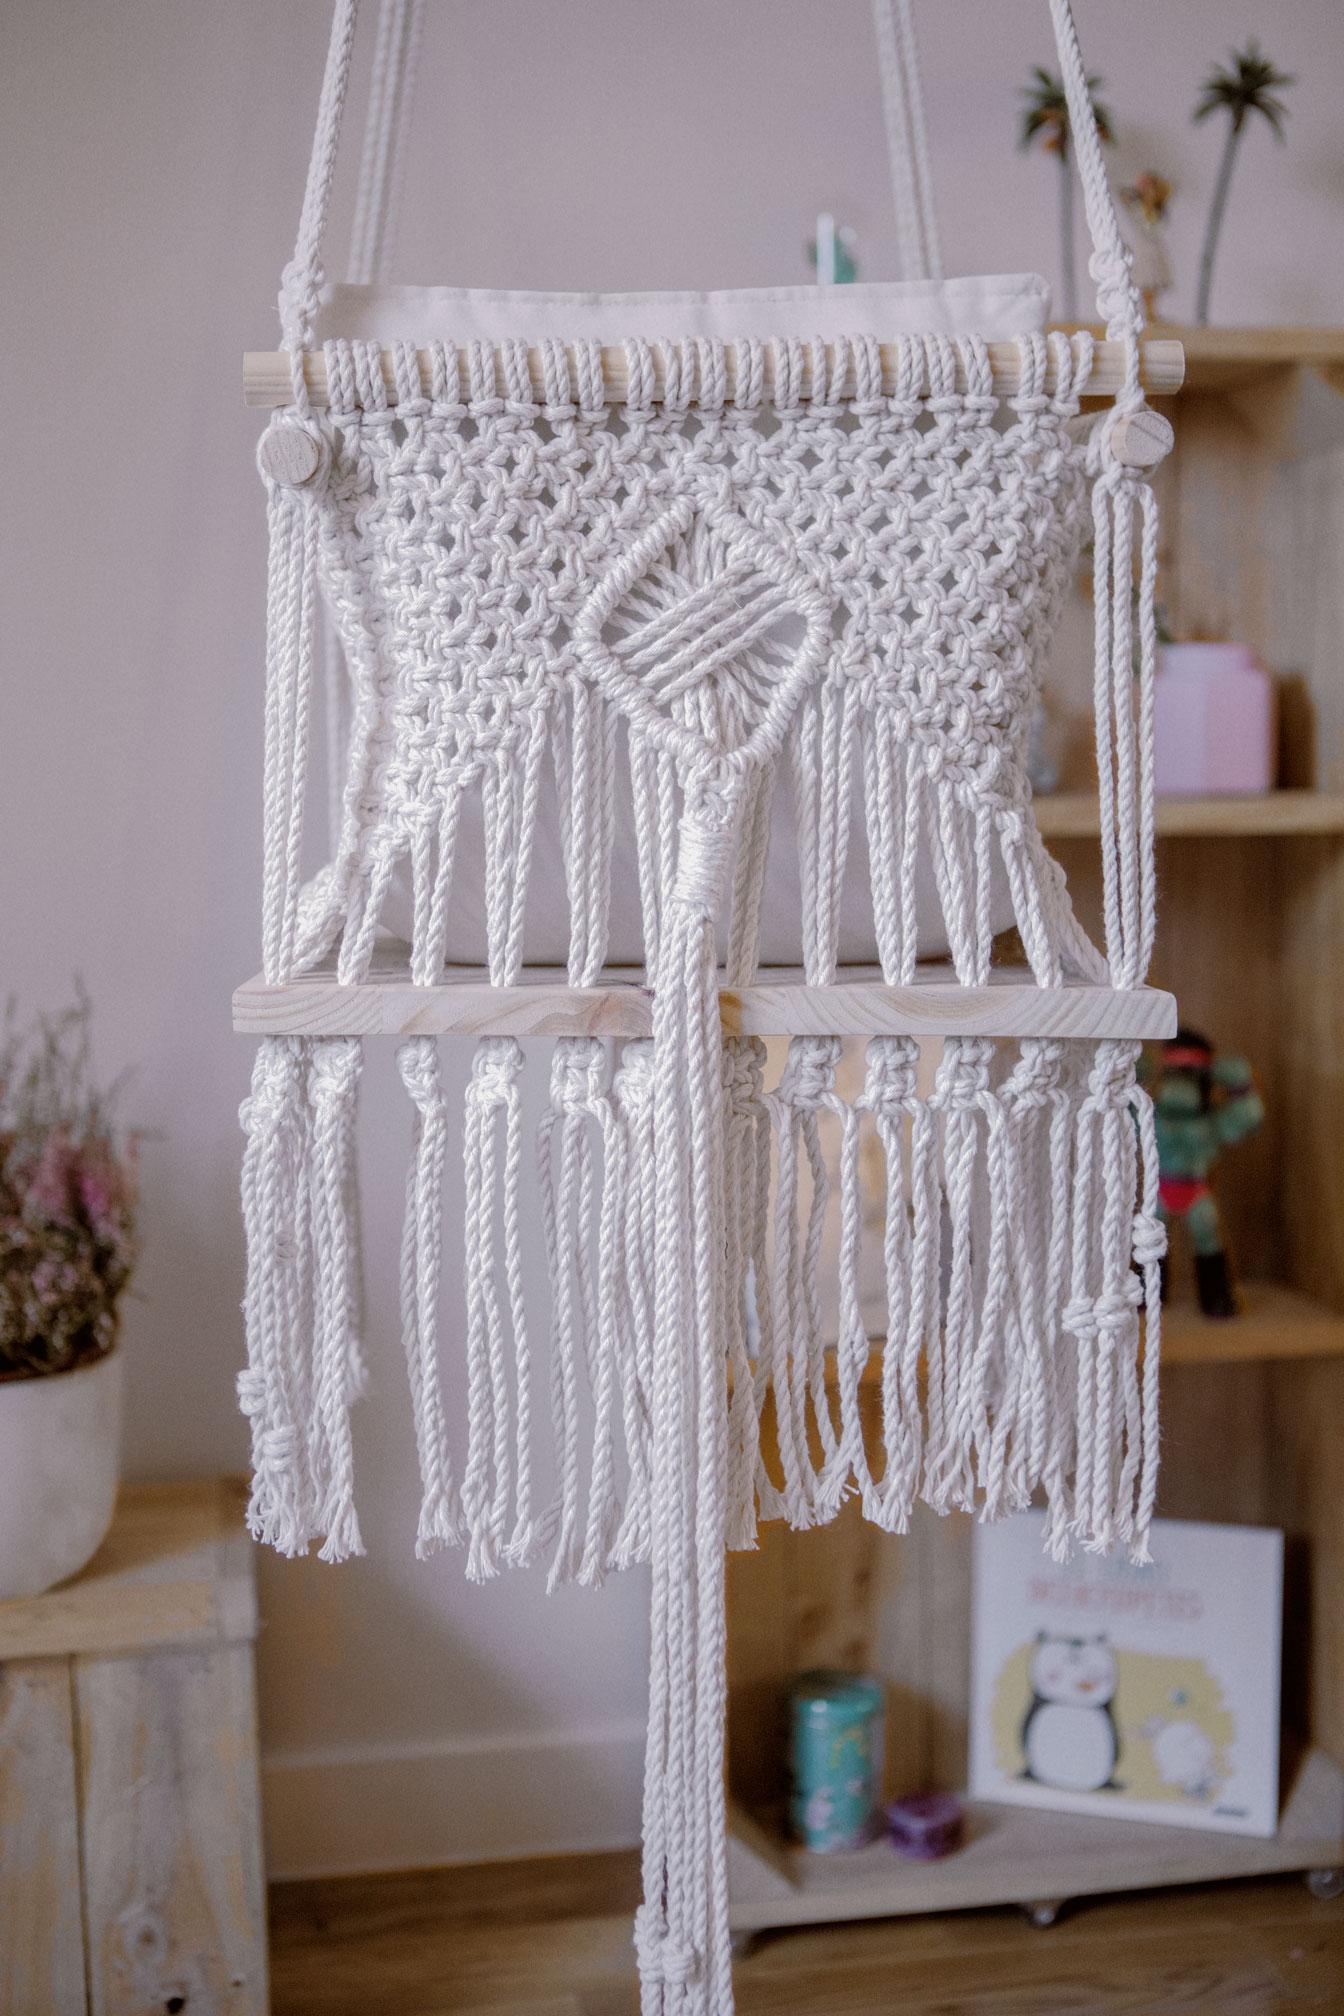 Parte de atrás de Silla infantil de macramé hecha a mano con materiales sostnibles y un cojín con respaldo relleno de guata